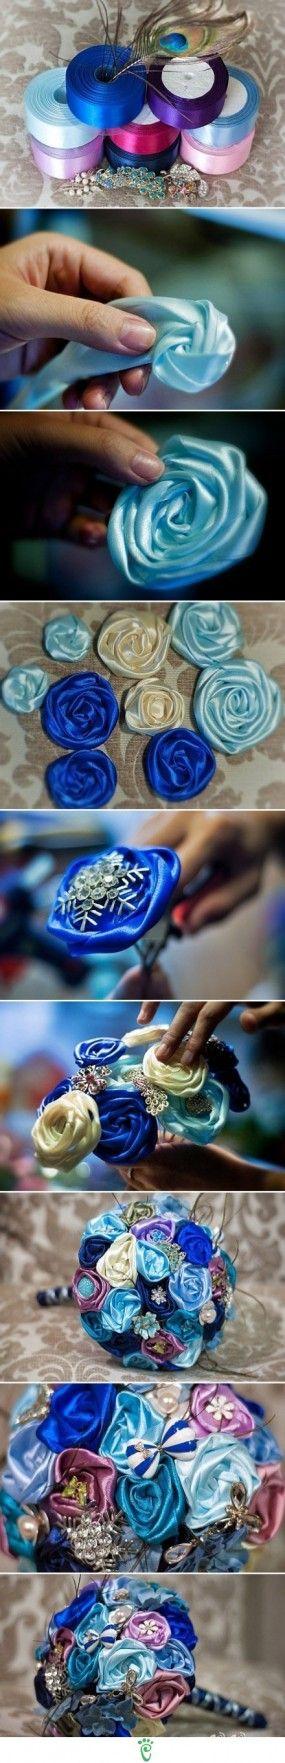 417 best DIY Интересные поделки images on Pinterest | Creative ideas ...